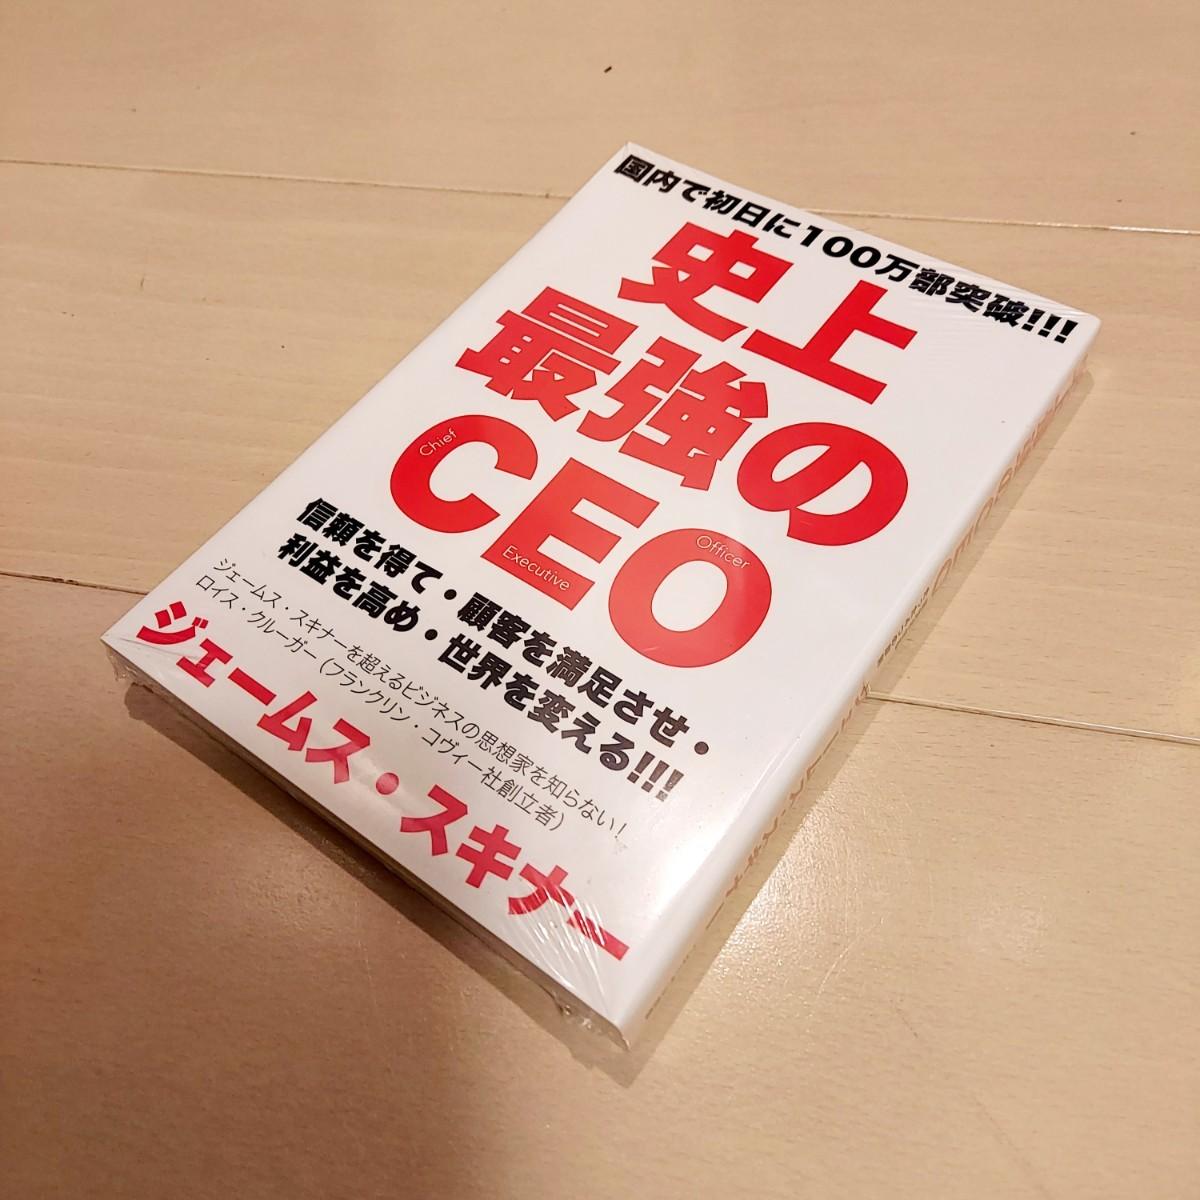 史上最強のCEO 世界中の企業を激変させるたった4つの原則 7つの習慣 スキナー